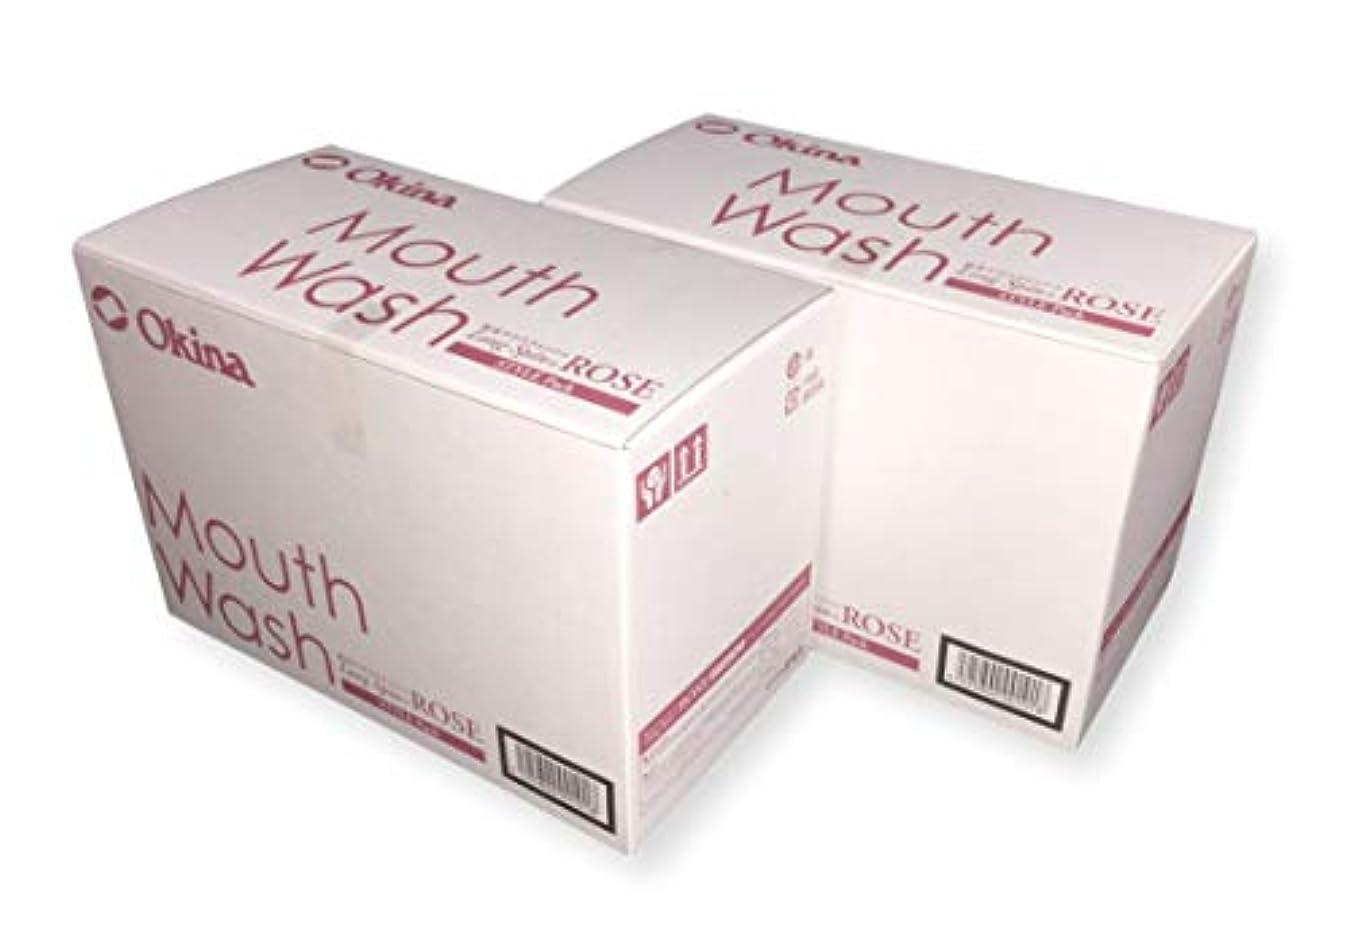 考古学引き潮広がりオキナ マウスウォッシュ ロングスピン スタイルパック ROSE お得な2箱セット(100入りx2箱) LS-RS